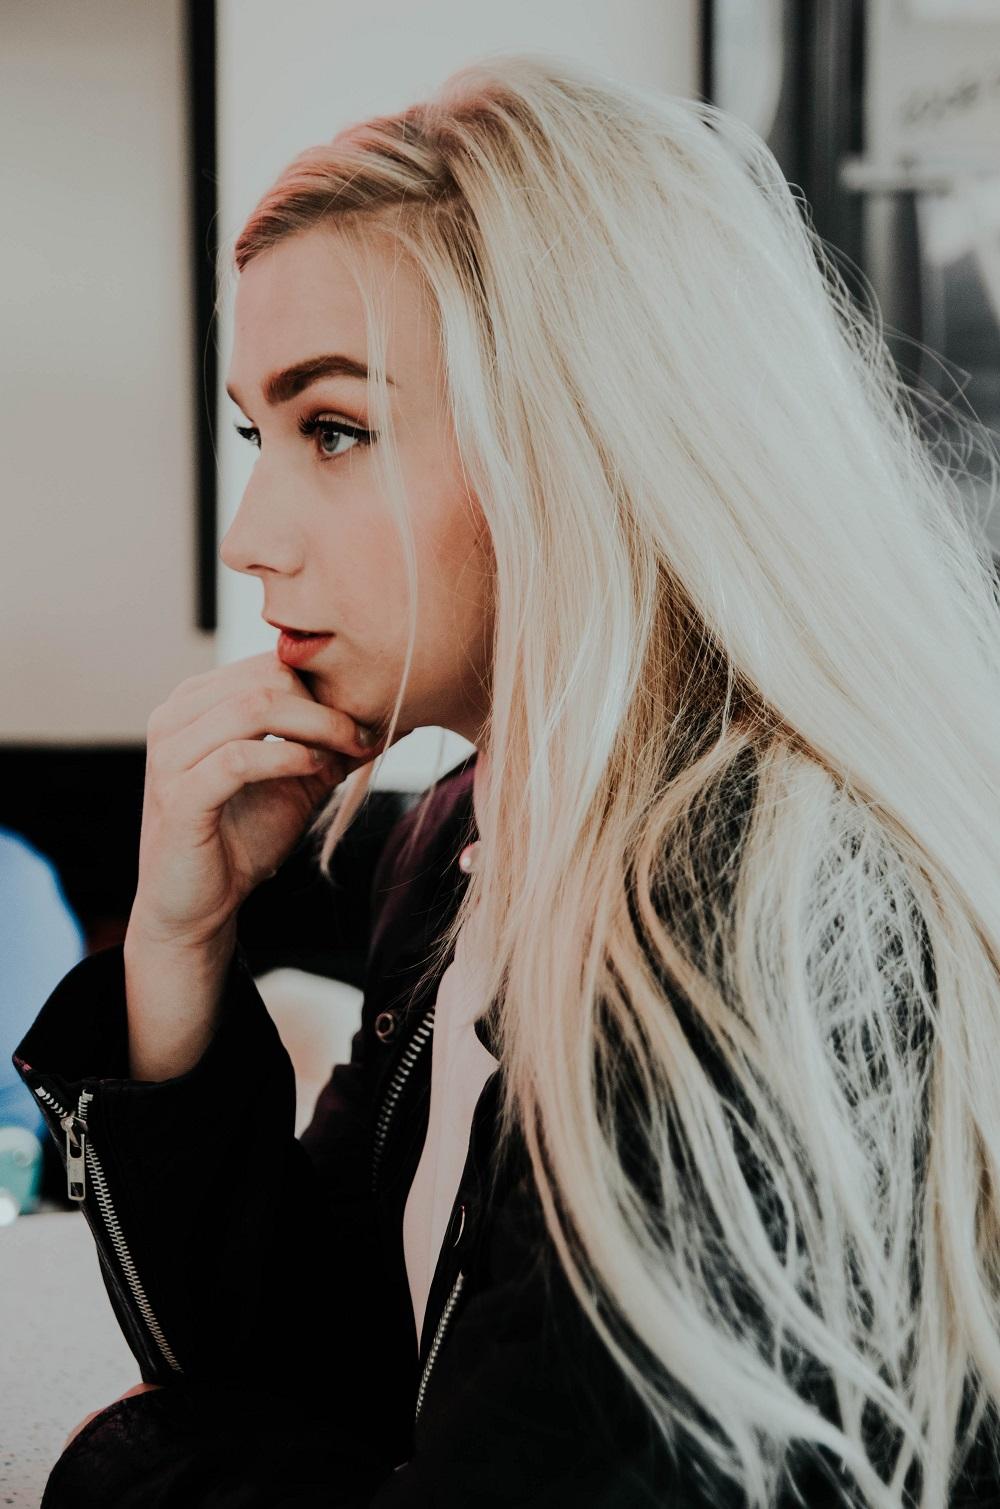 Кога цветът на косата определя този на веждите и защо е важно да ги синхронизираме